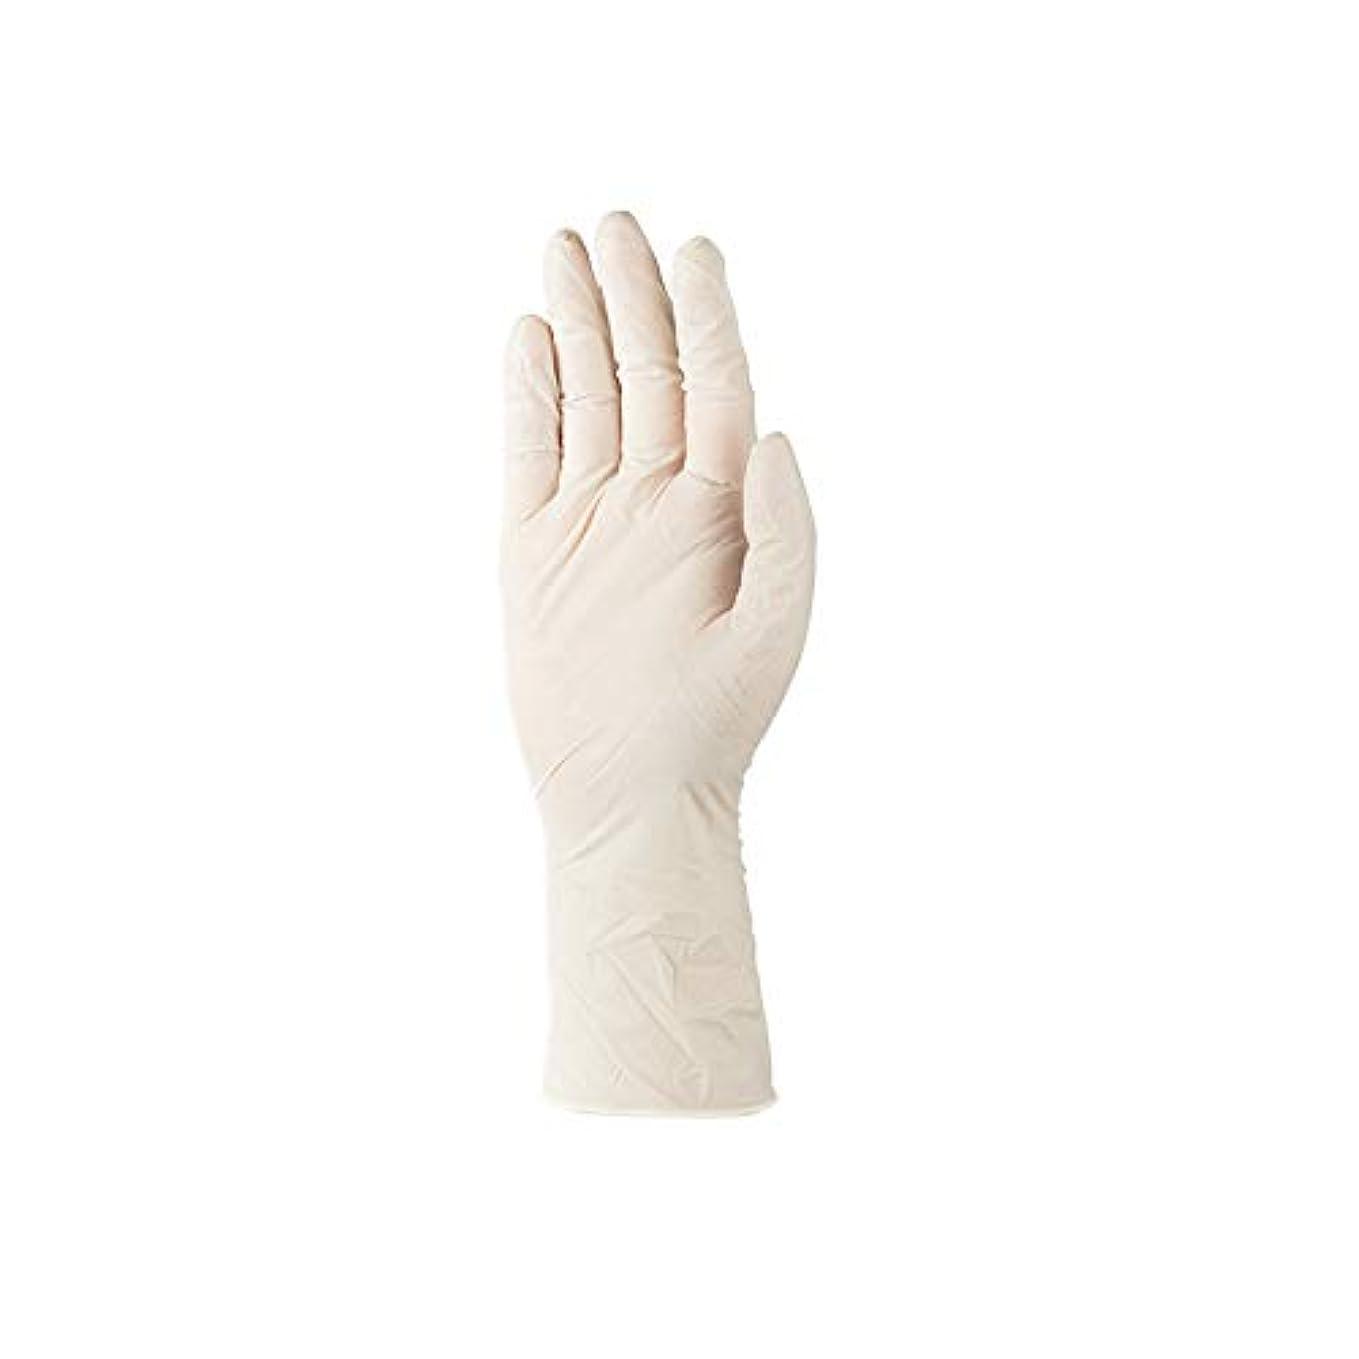 アプライアンスセールお別れニトリルラテックス使い捨て手袋ゴム製病院用手袋厚くケータリング家事歯科,White#1232,XS